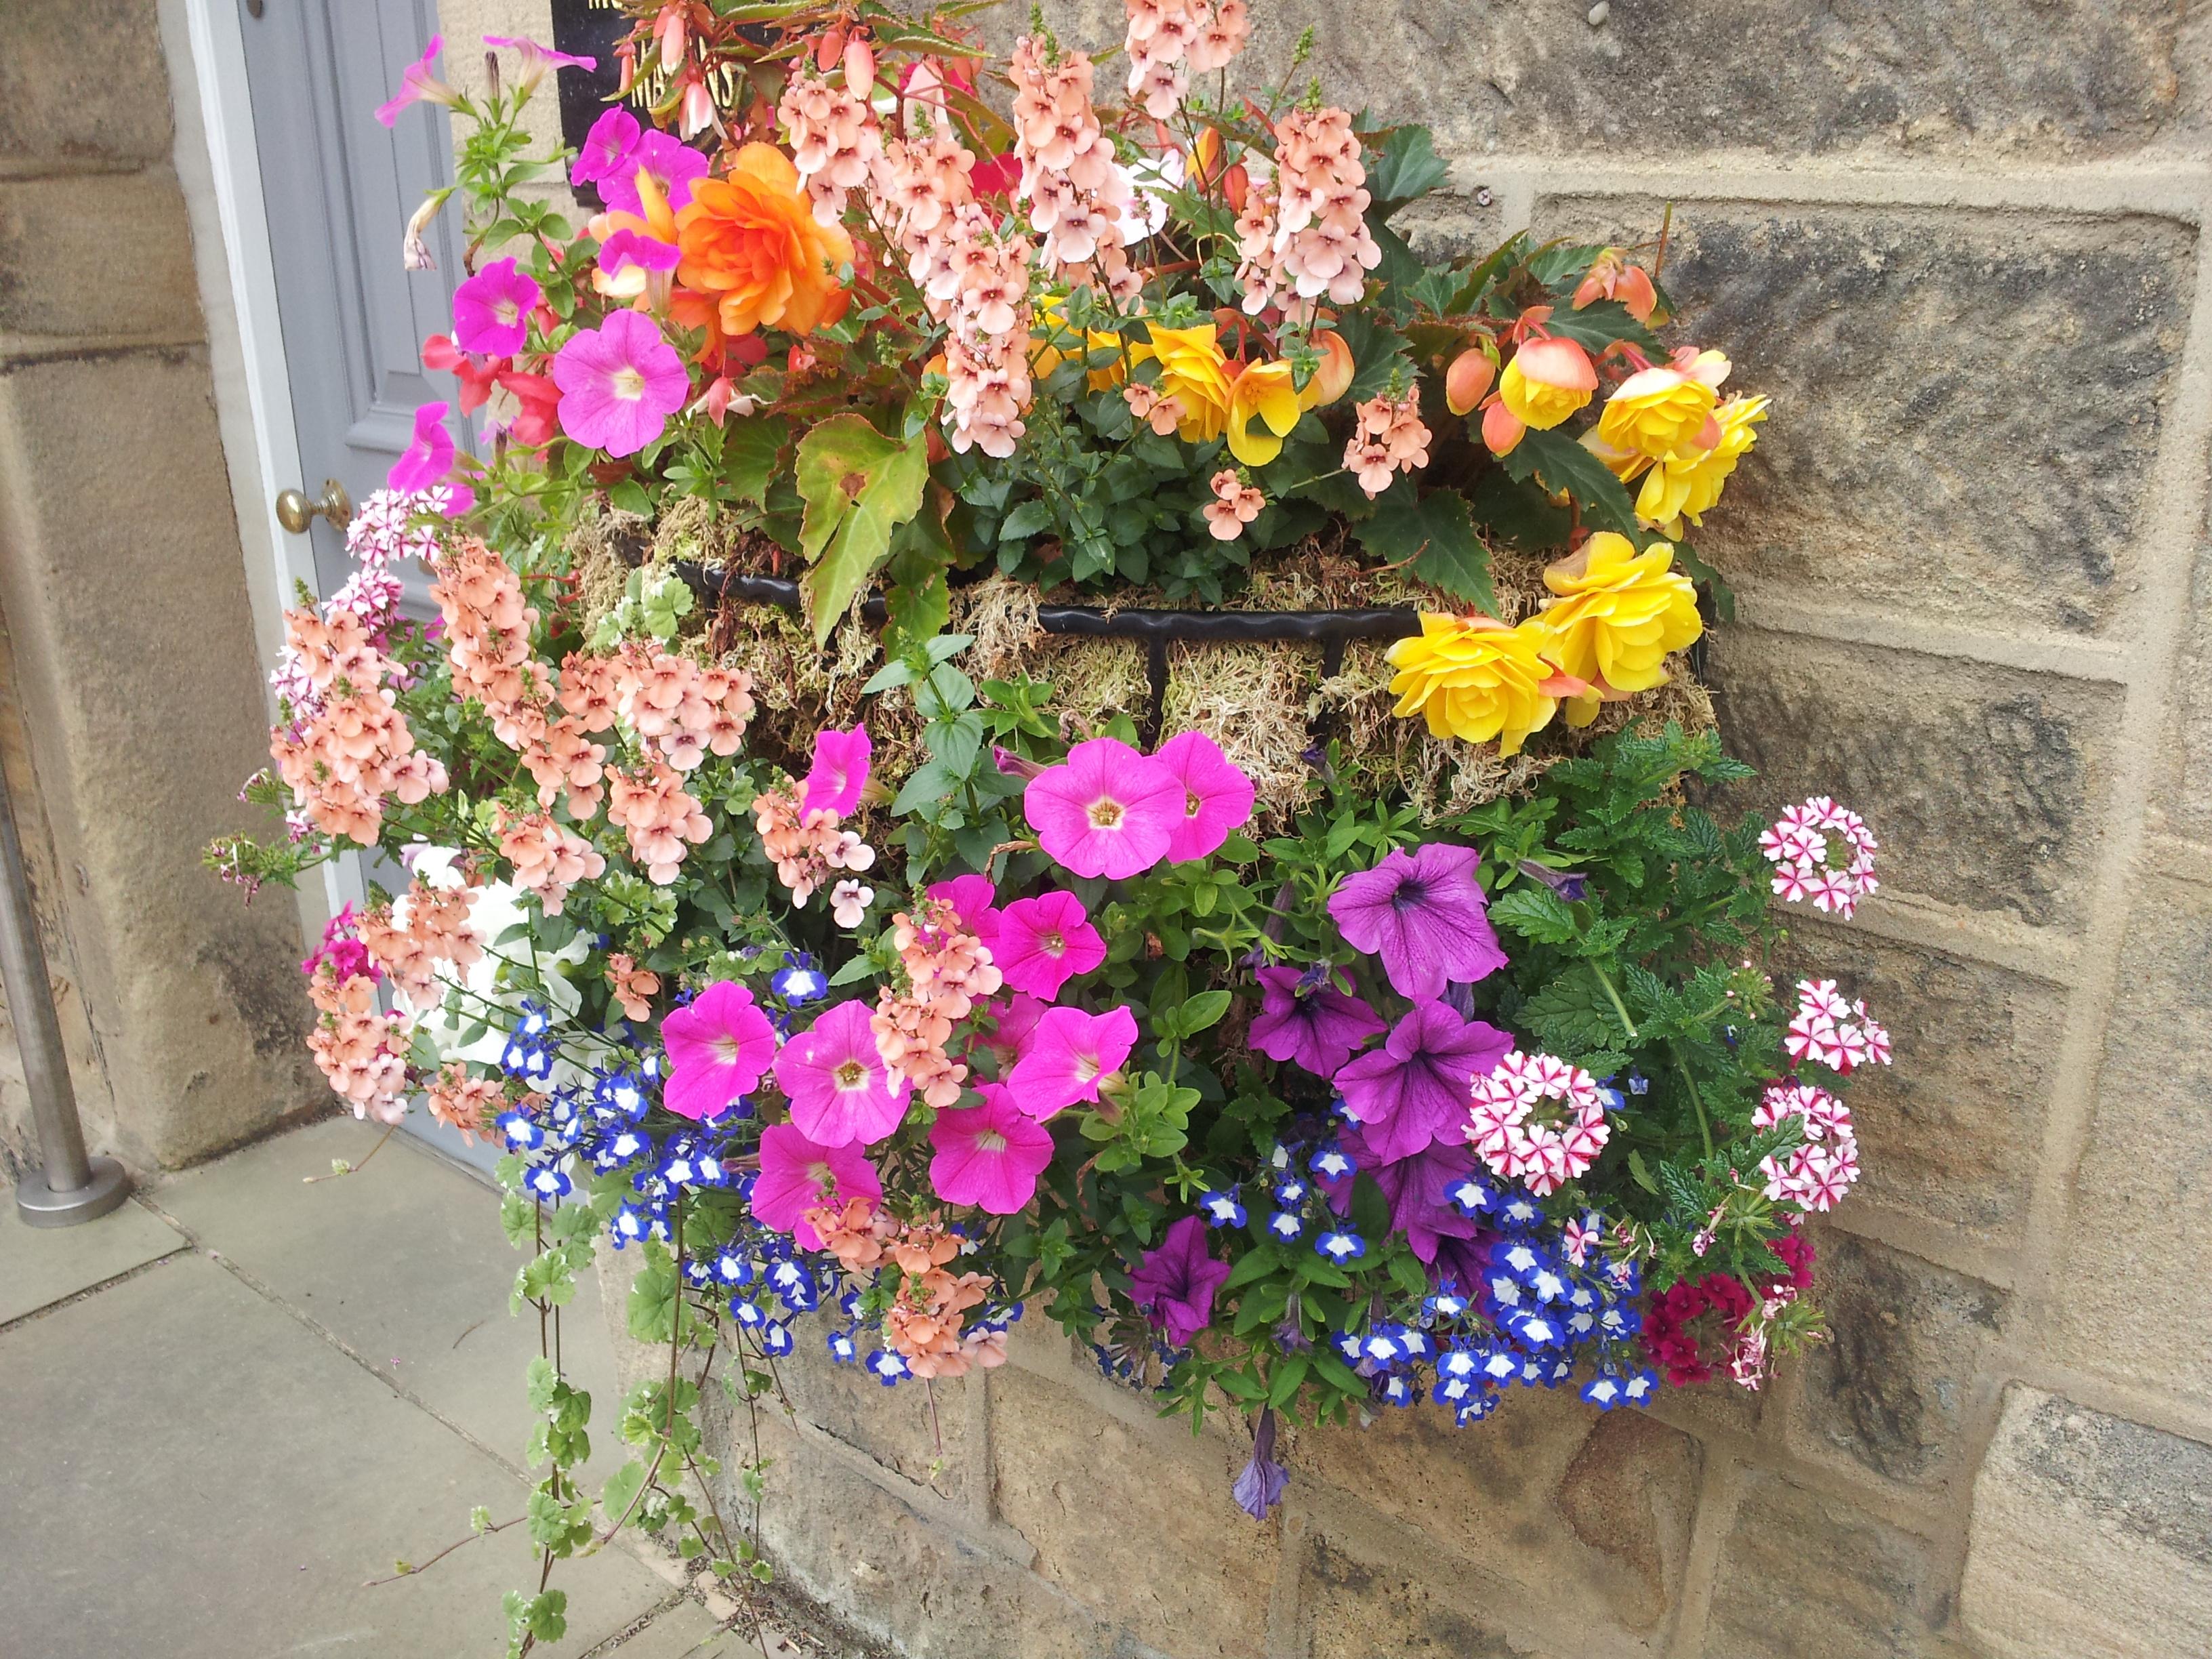 Plant a Hanging Basket for Summer